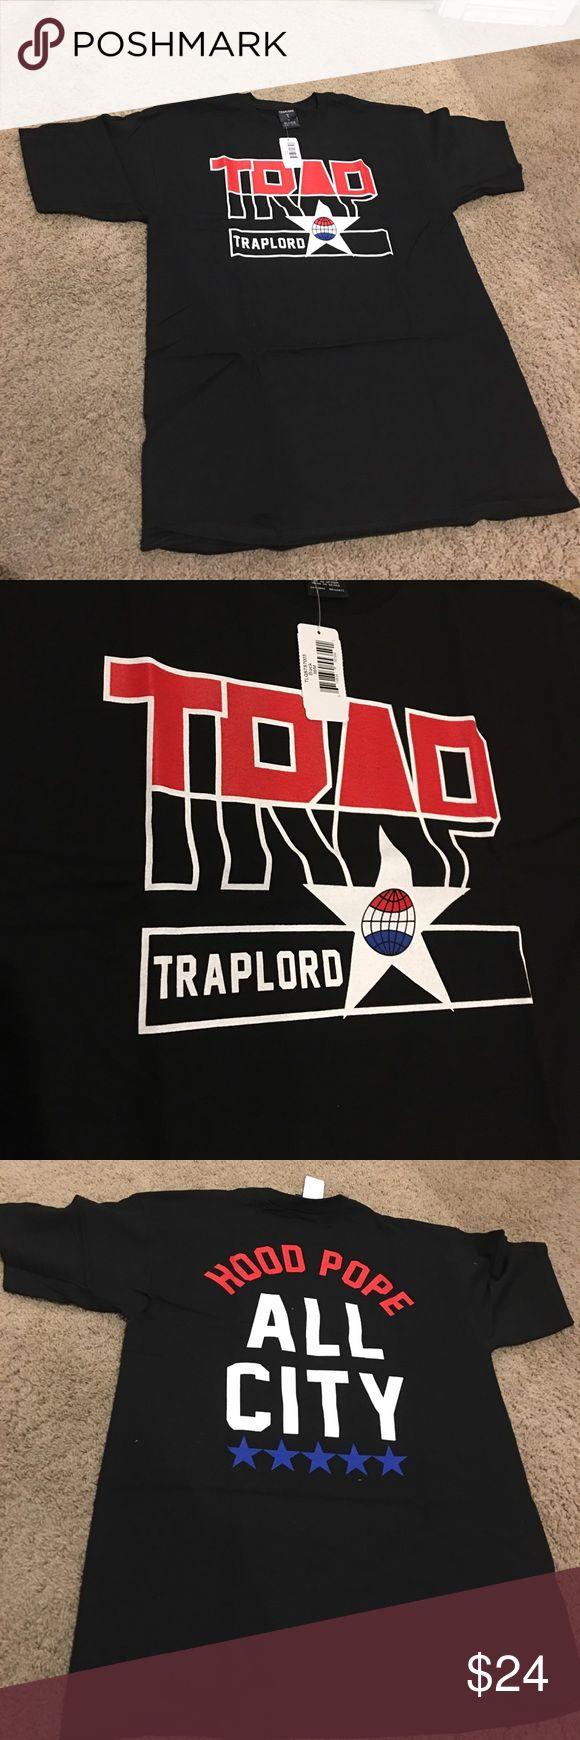 Trap Lord Tshirt NWT Trap Lord Tshirt Shirts Tees - Short Sleeve